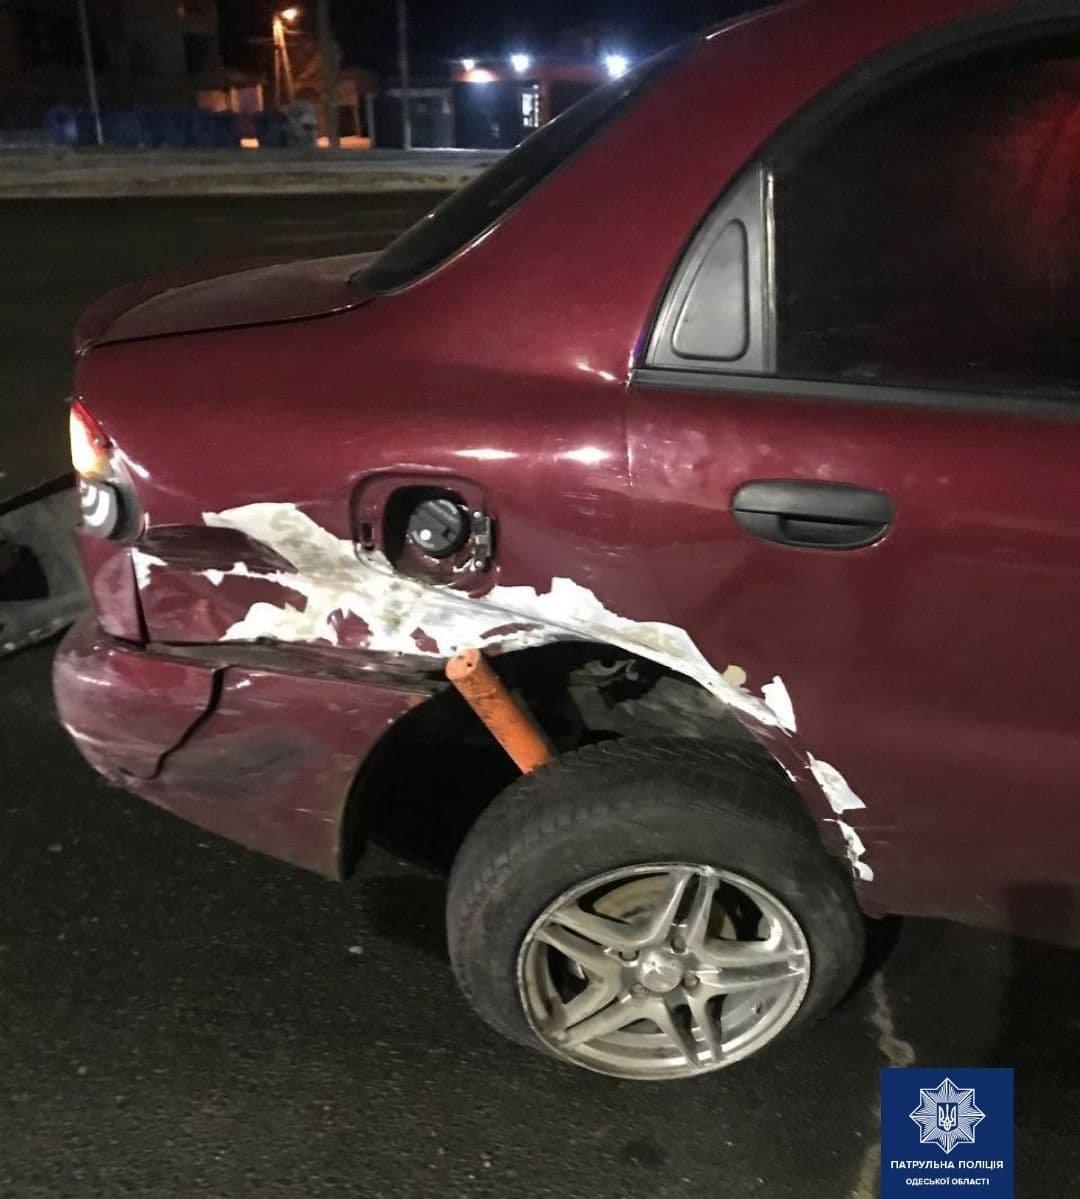 В Одессе по вине пьяного водителя произошло тройное ДТП, есть пострадавшая, - ФОТО, фото-3